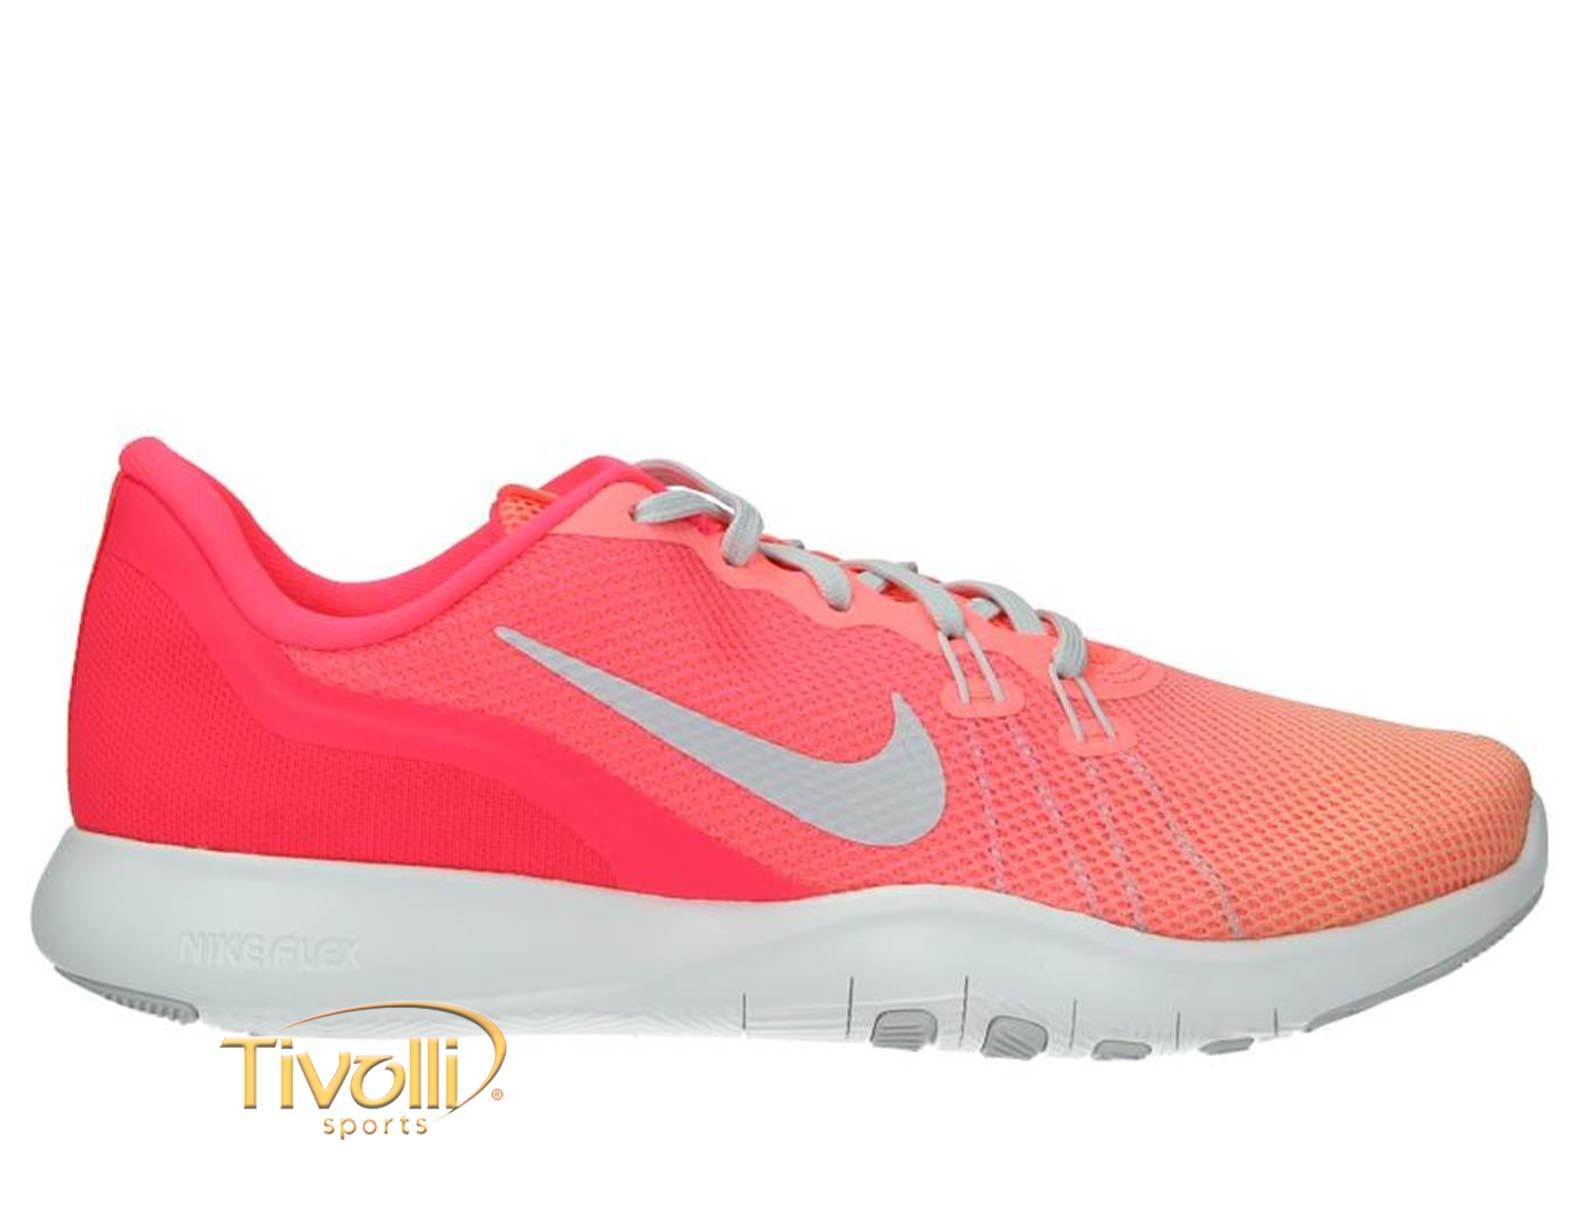 f08fef56a2c43 Tênis Nike W Flex Trainer 7 Fade   tam. 35 ao 38